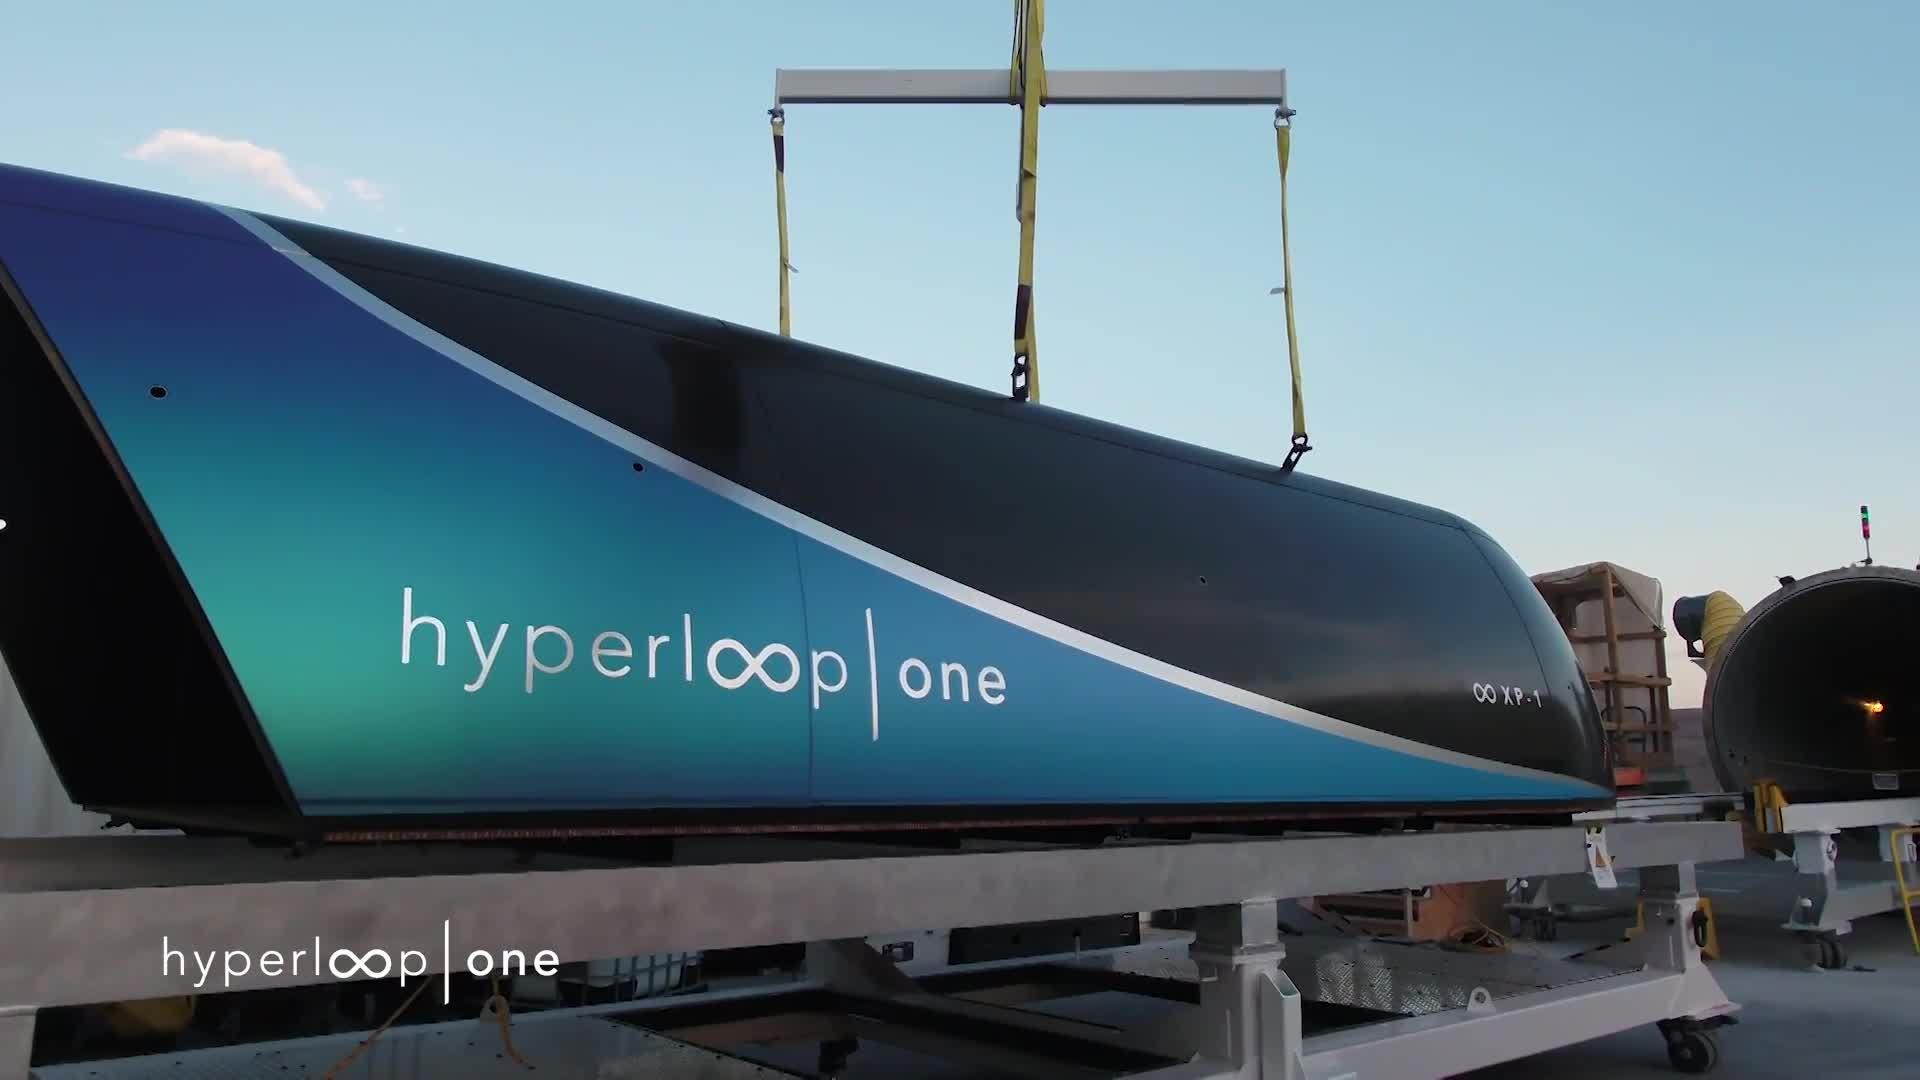 dreaming of hyperloop